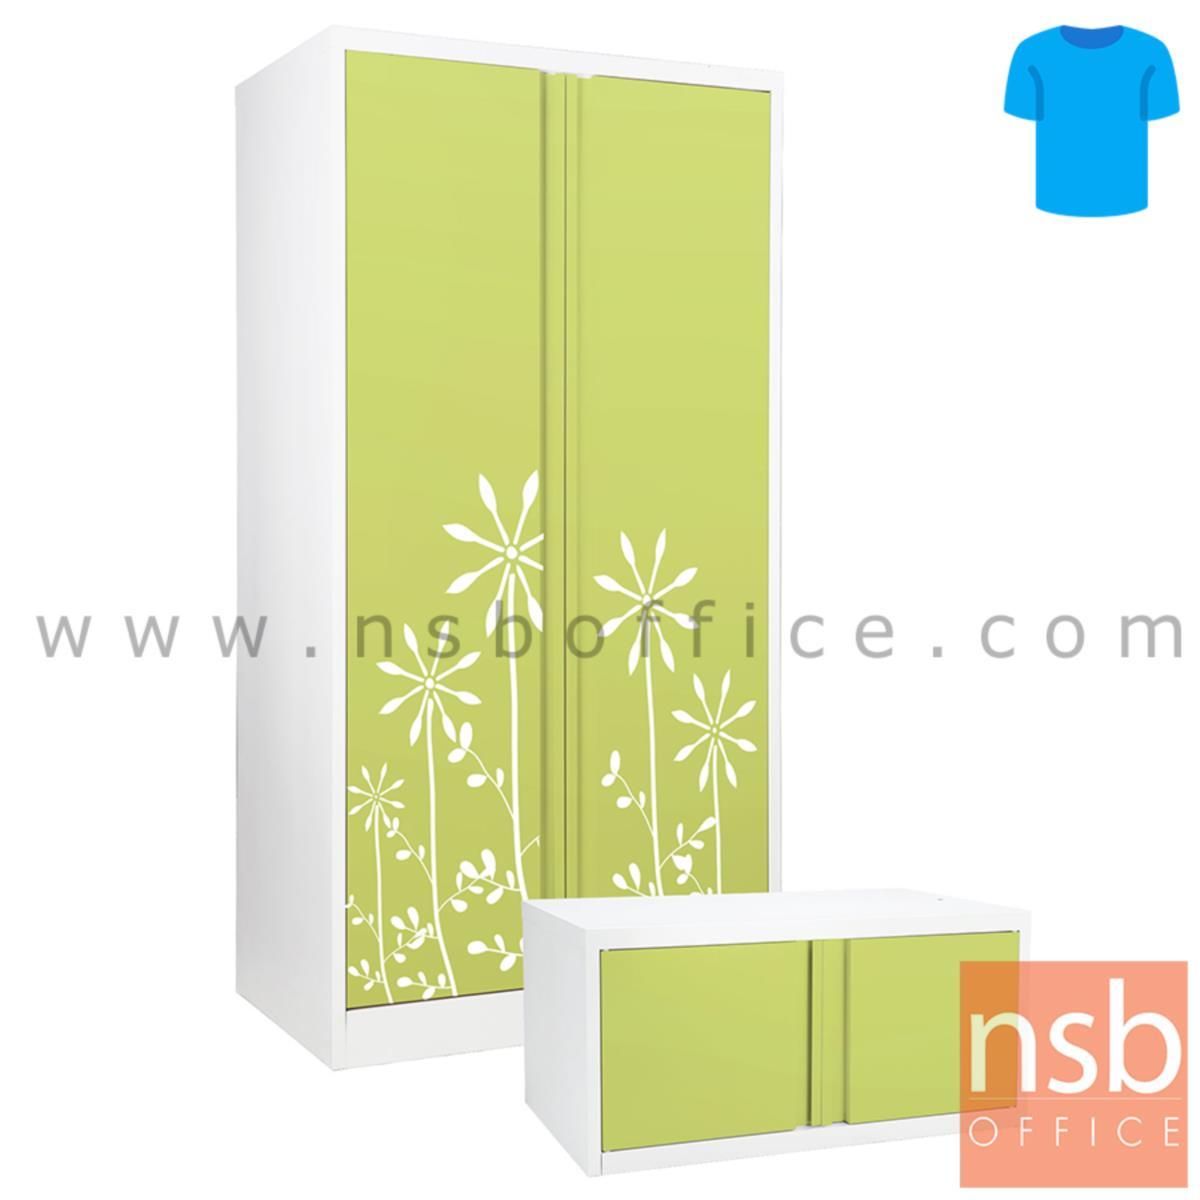 E23A020:ชุดตู้เสื้อผ้าสูงบานเปิด พร้อมตู้ต่อบน (ราคาประหยัด)